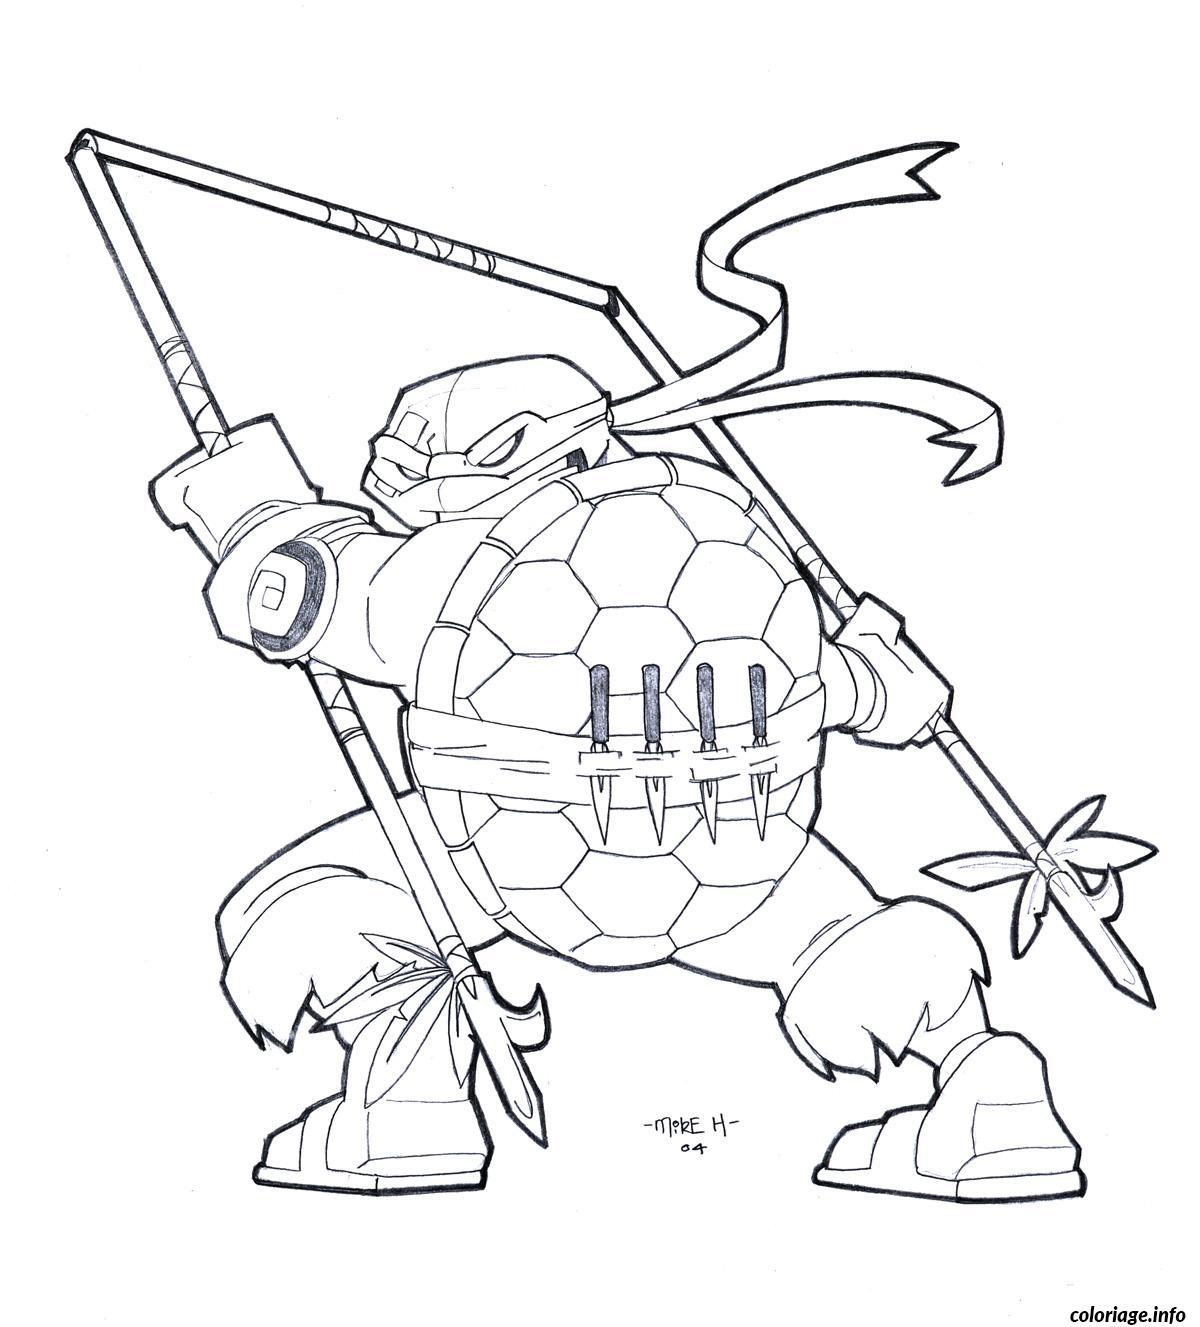 coloriage tortue ninja nouveau outils de combat dessin imprimer - Jeux De Tortue Ninja Gratuit